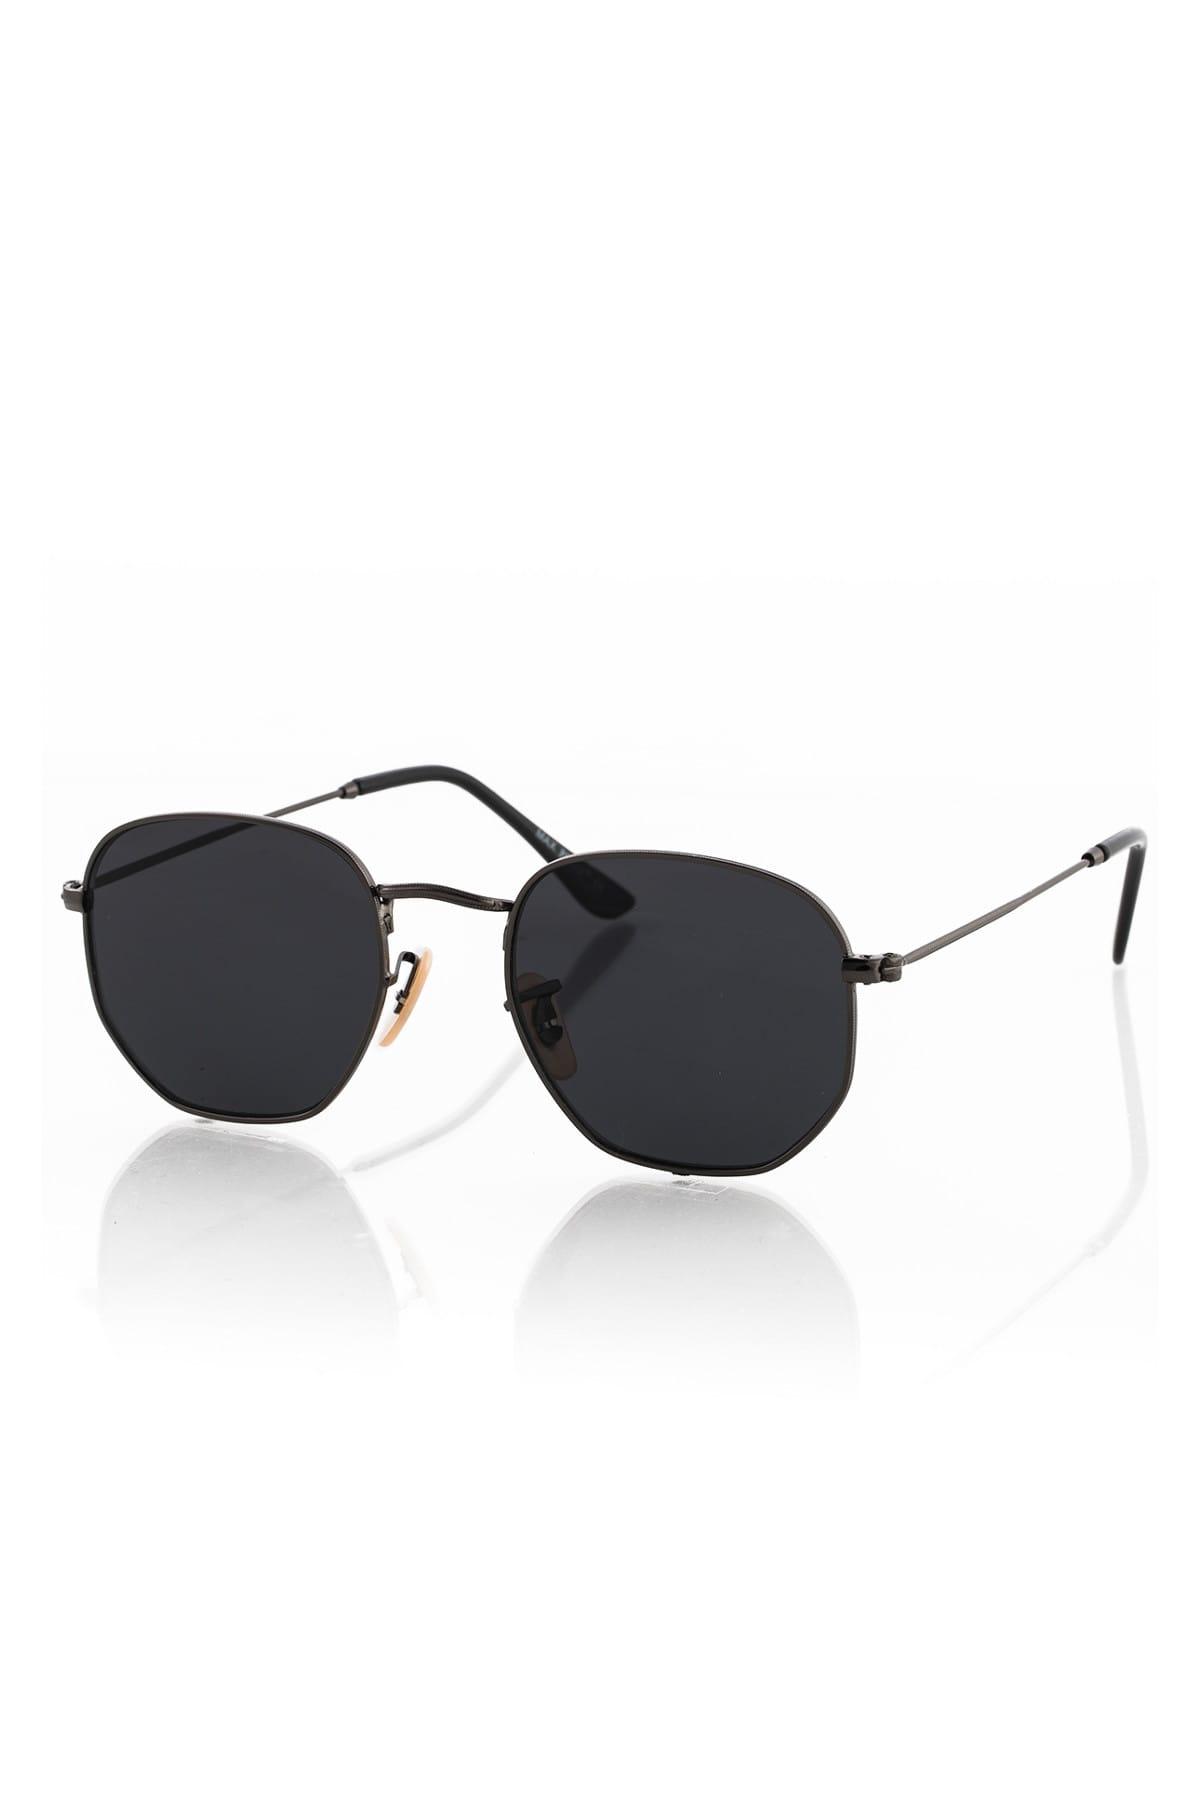 عینک دودی خاص برند Max Polo رنگ مشکی کد ty5821673